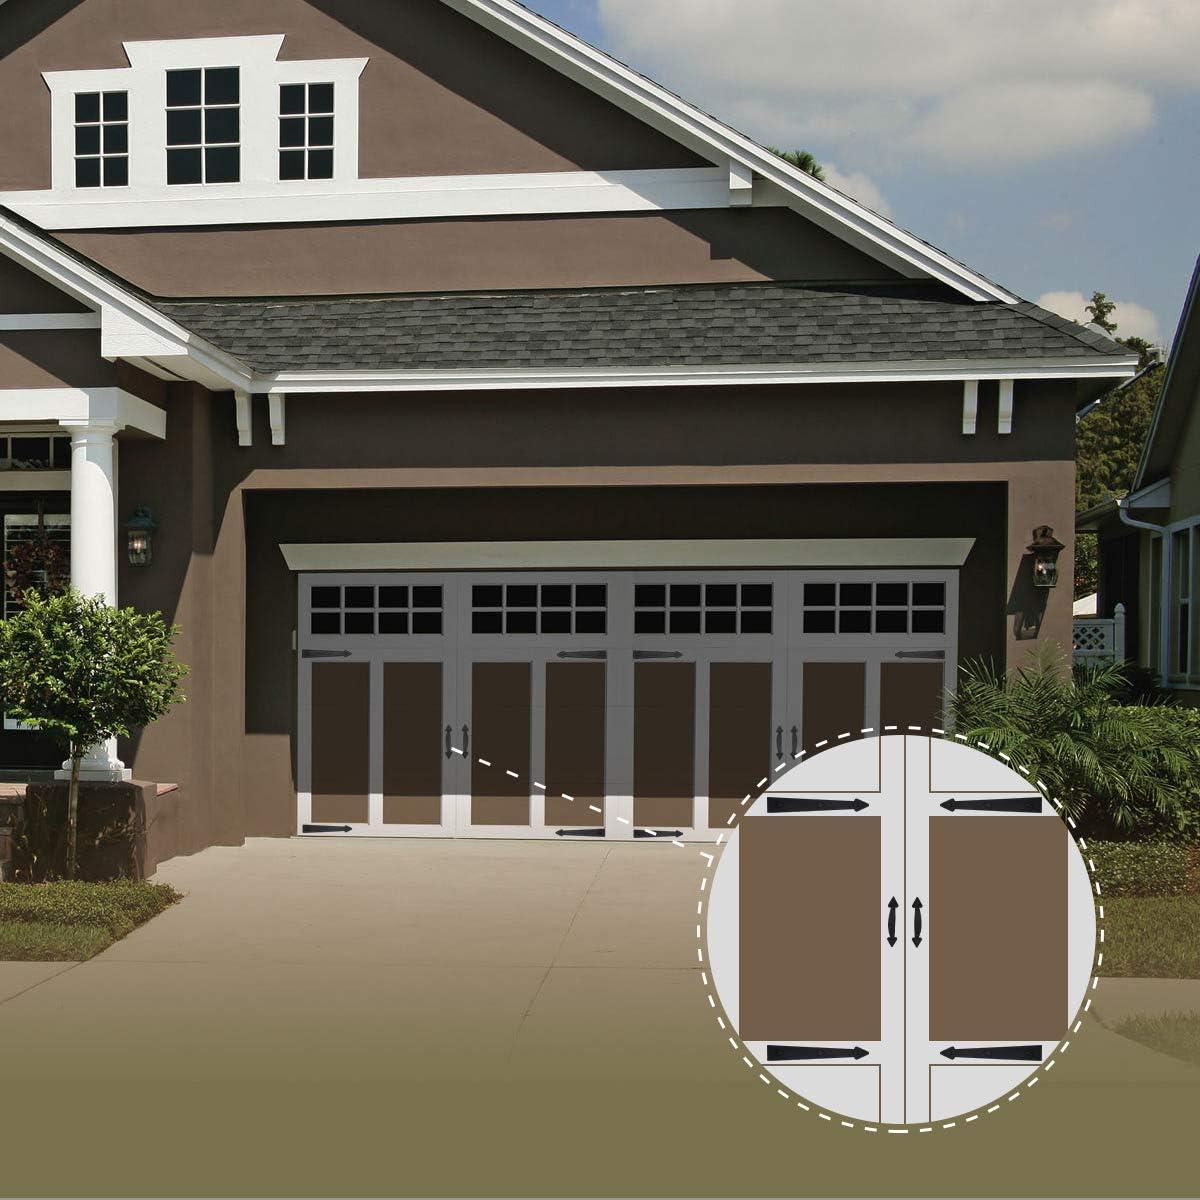 CrazyAnt Garage Door Decorative Hardware Non-Fade Magnetic Faux Hinges Handles Carriage-Style Decorative Garage Door Accents Easy Installation for Metal Garage Door